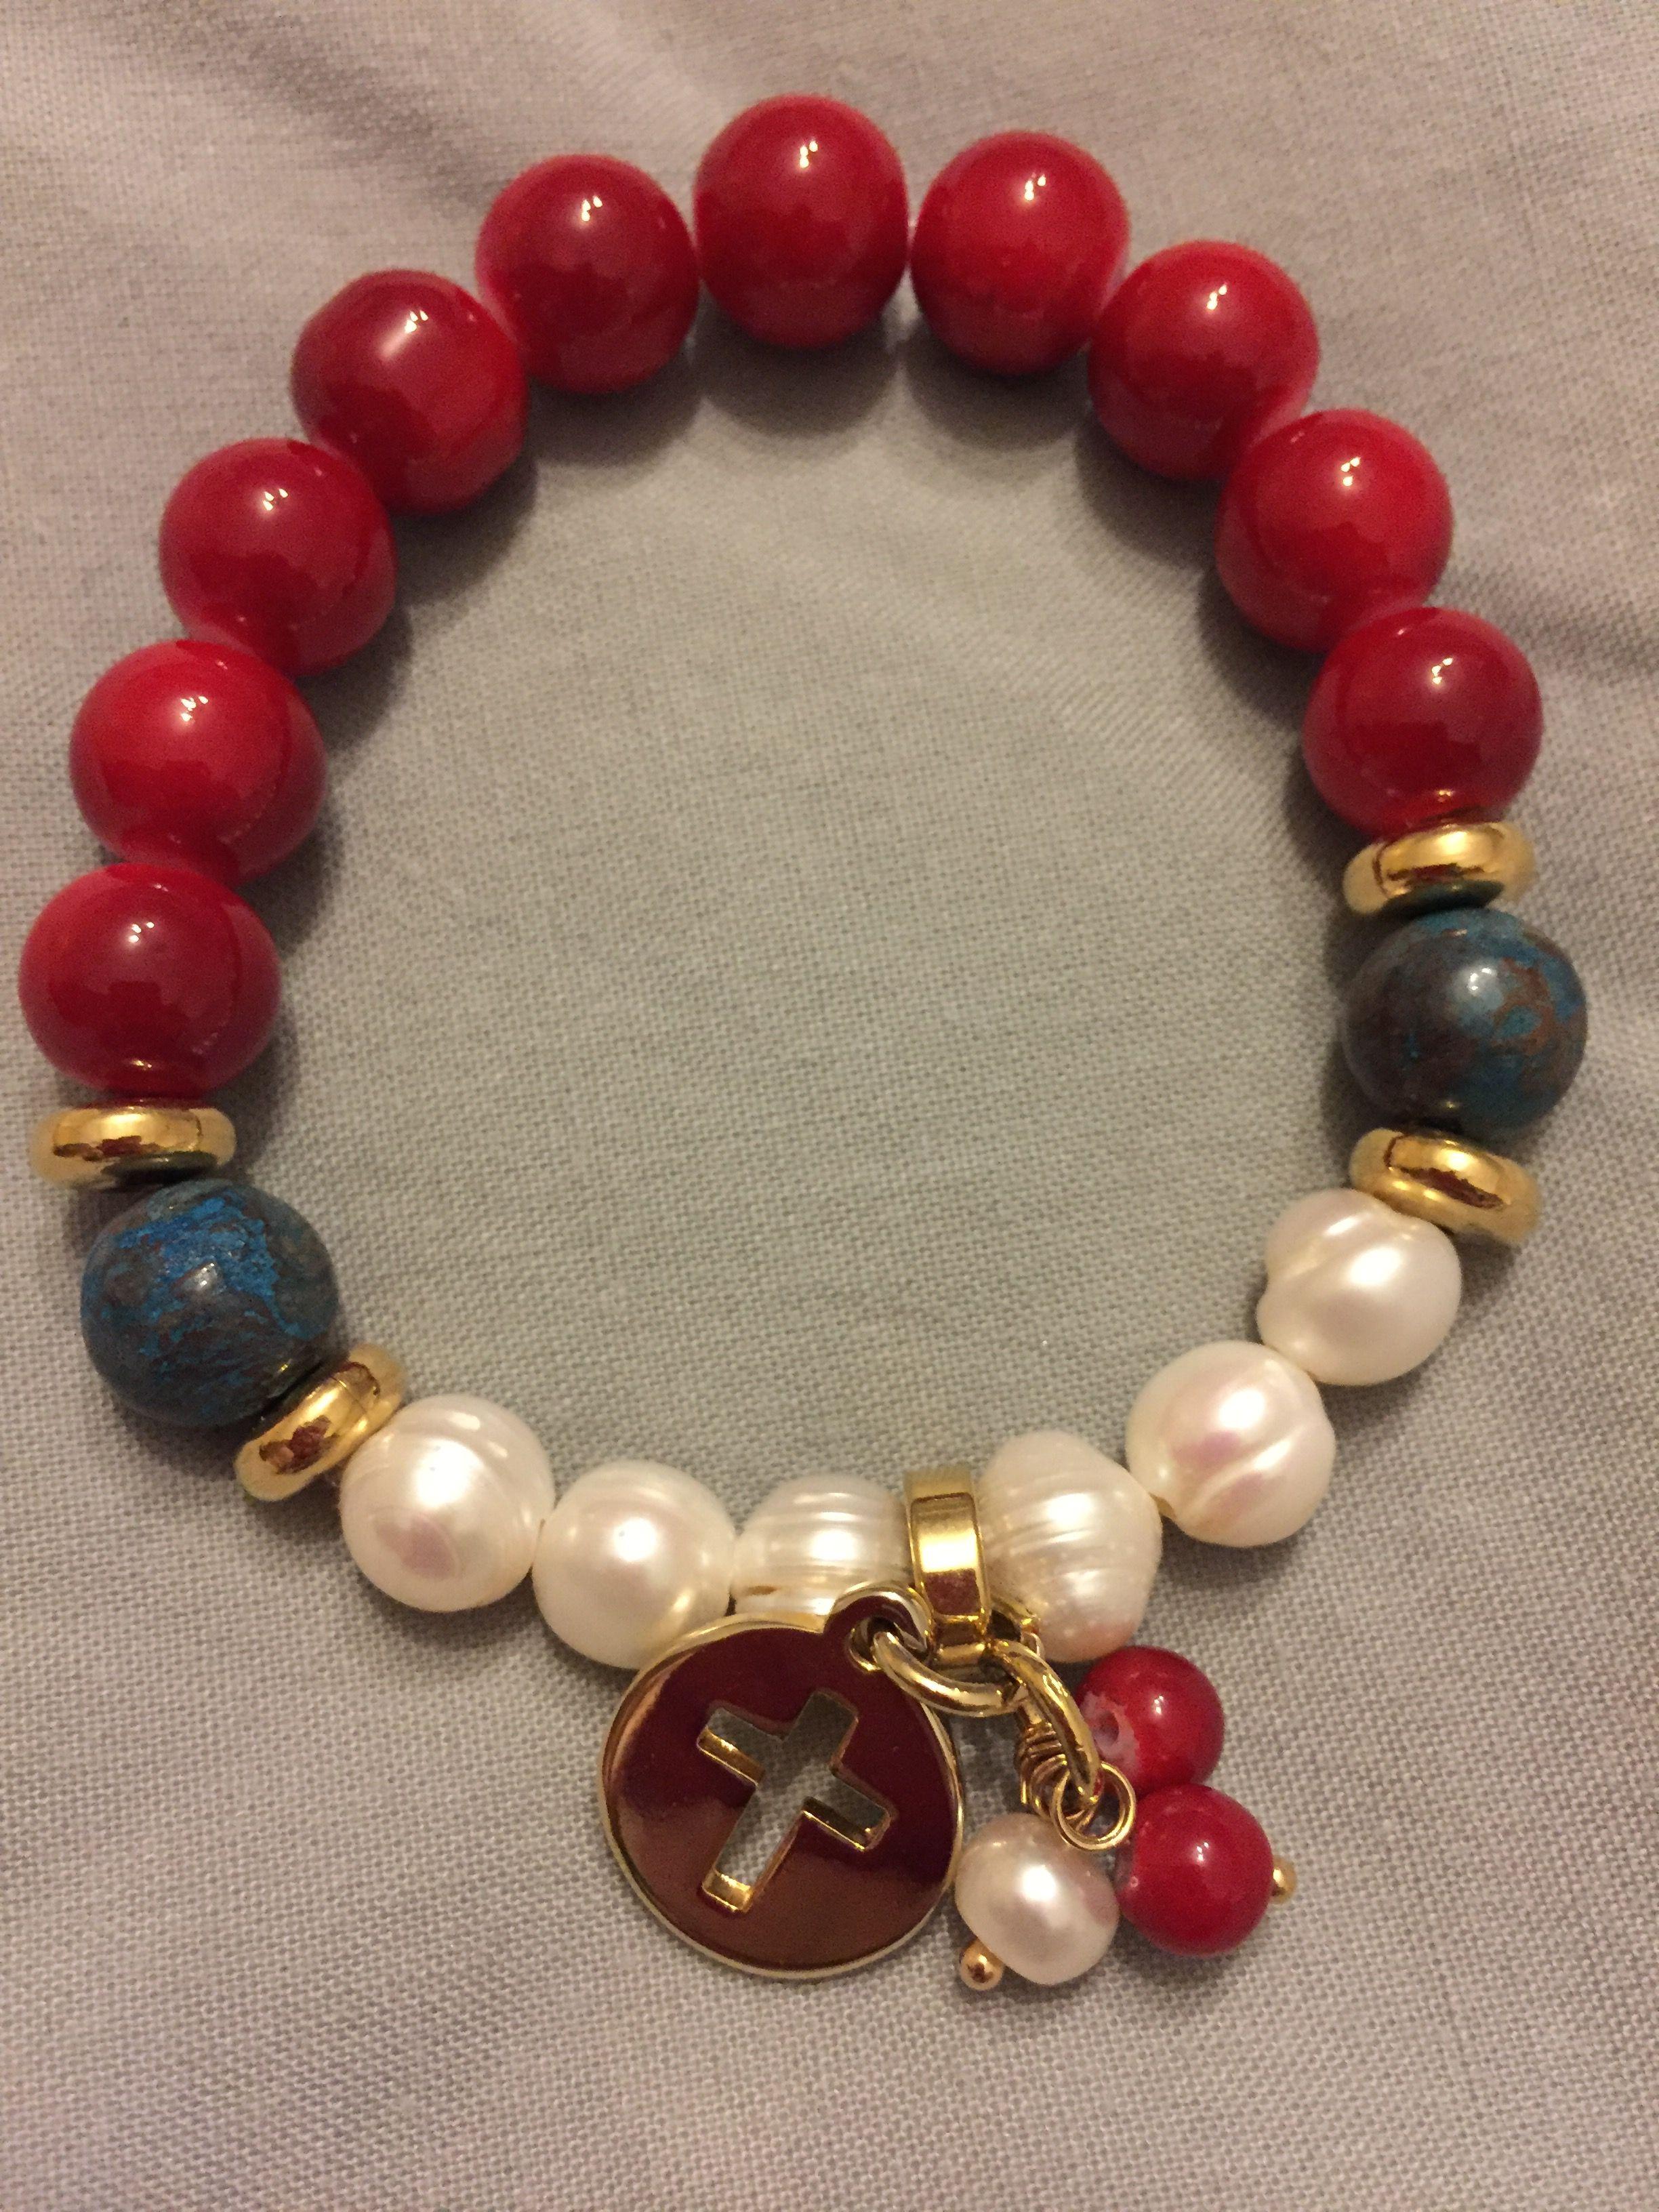 b99d68675a89 Pulsera en piedras rojas y perlas